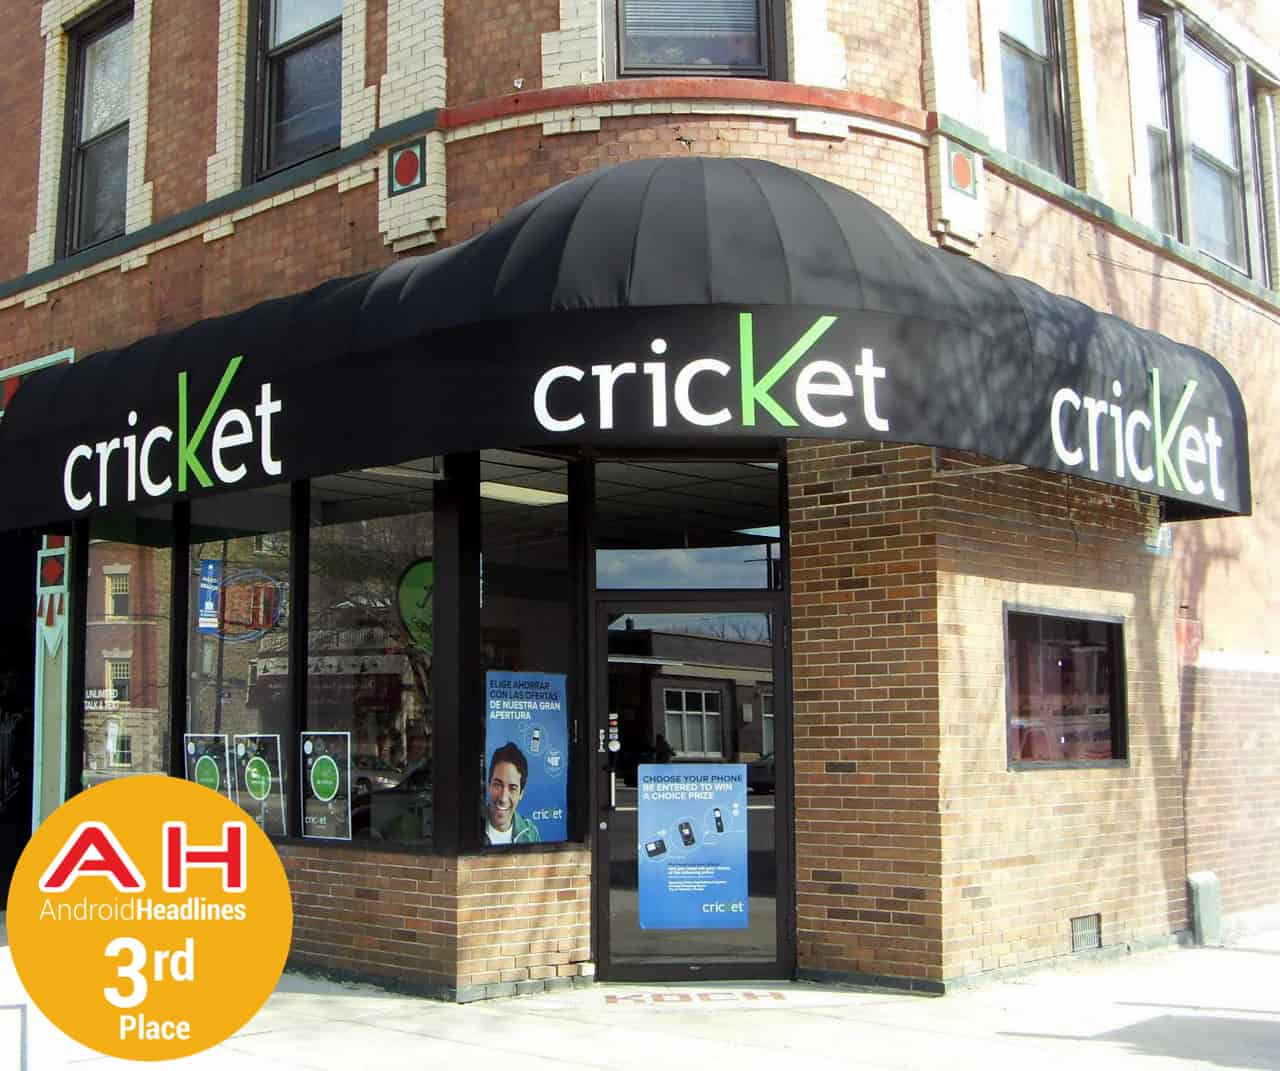 Cricket-Award-AH-1